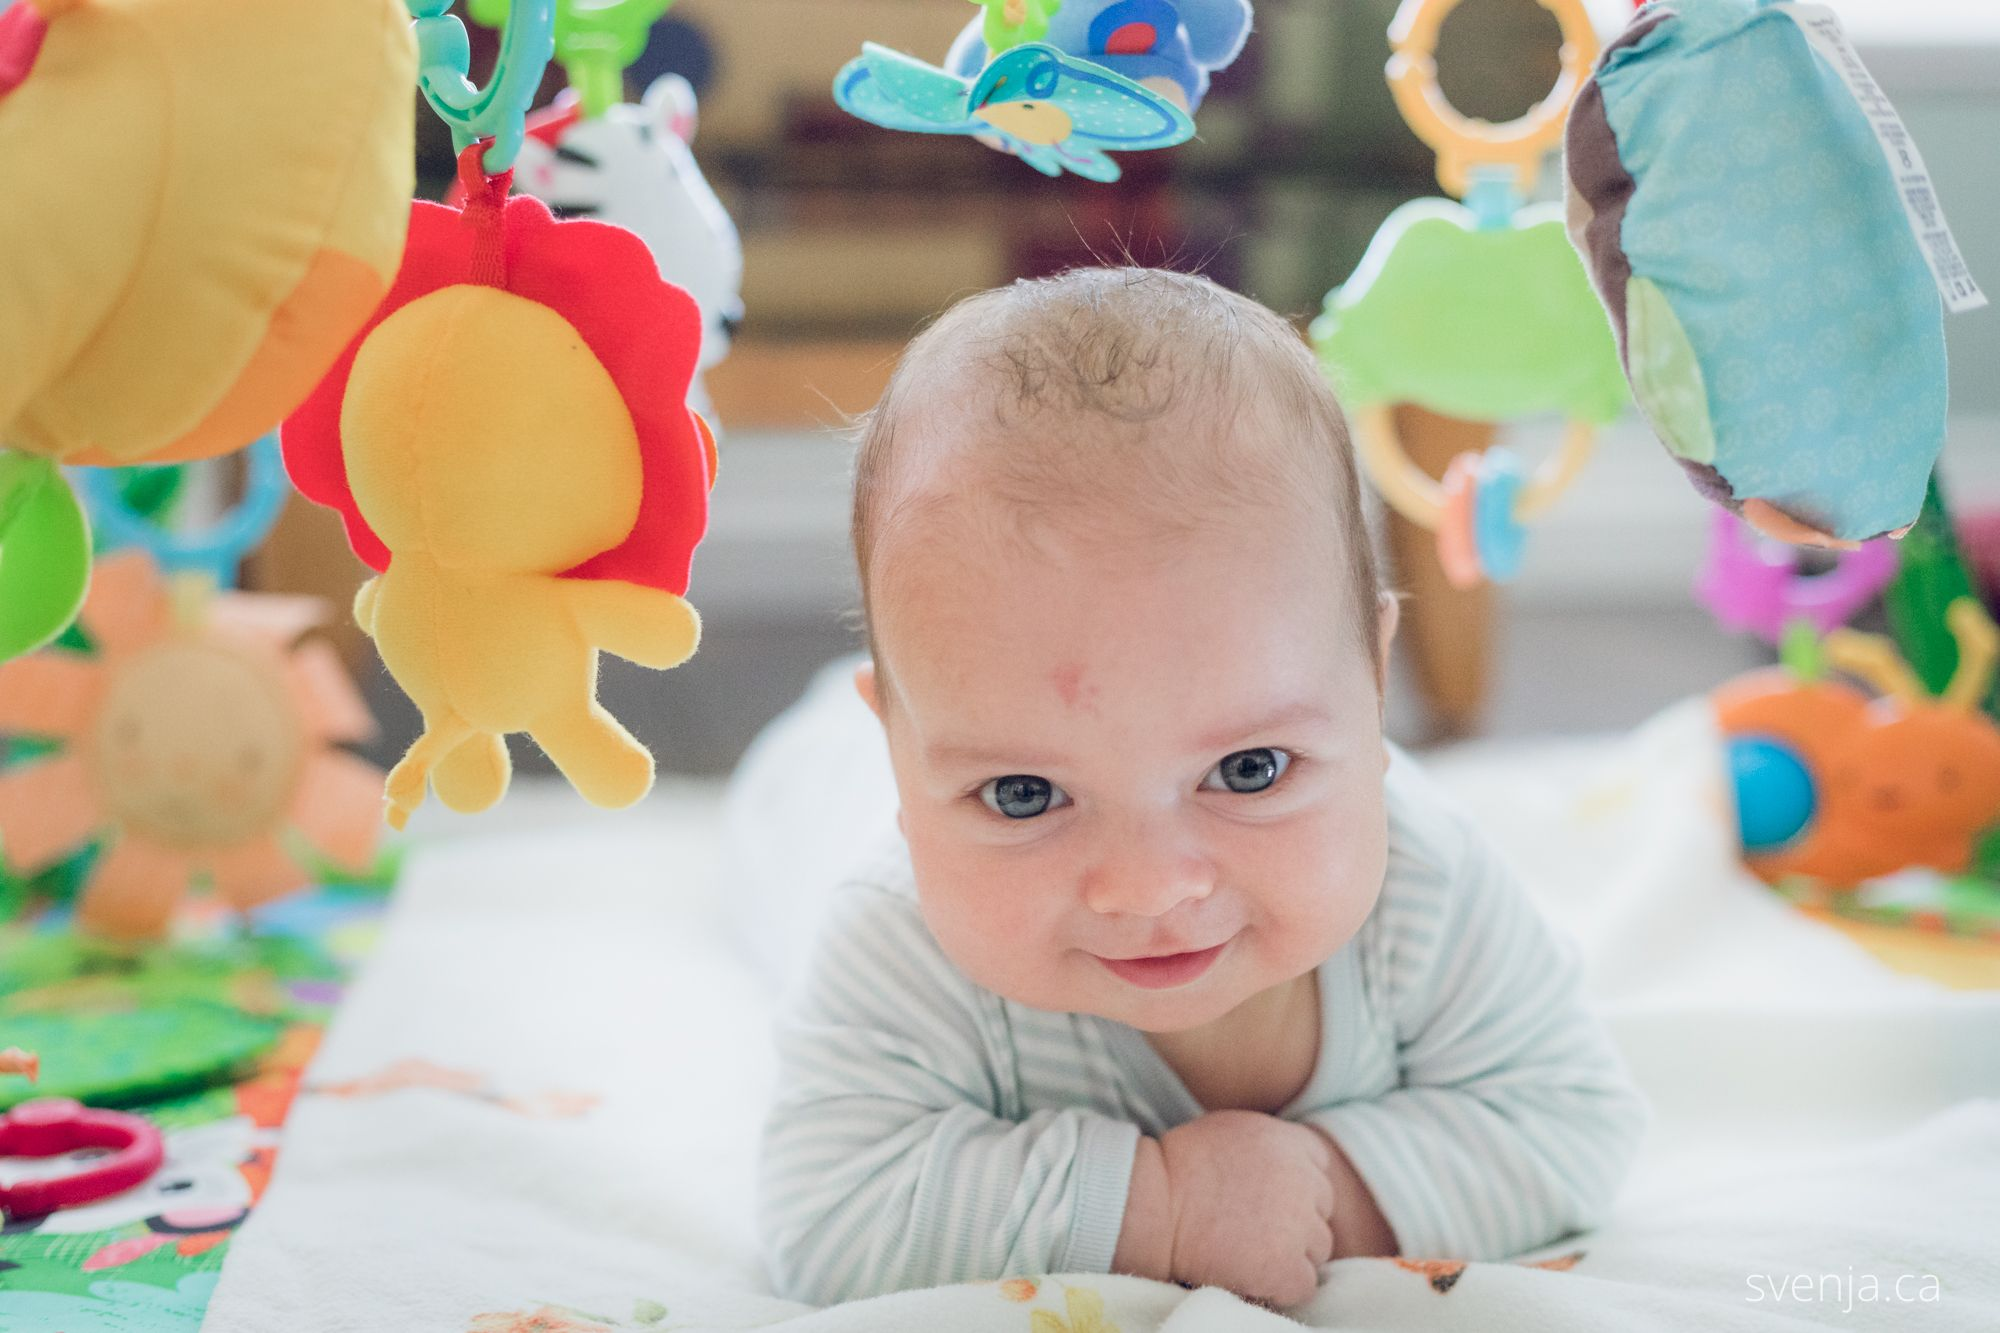 henrik at 3 months old